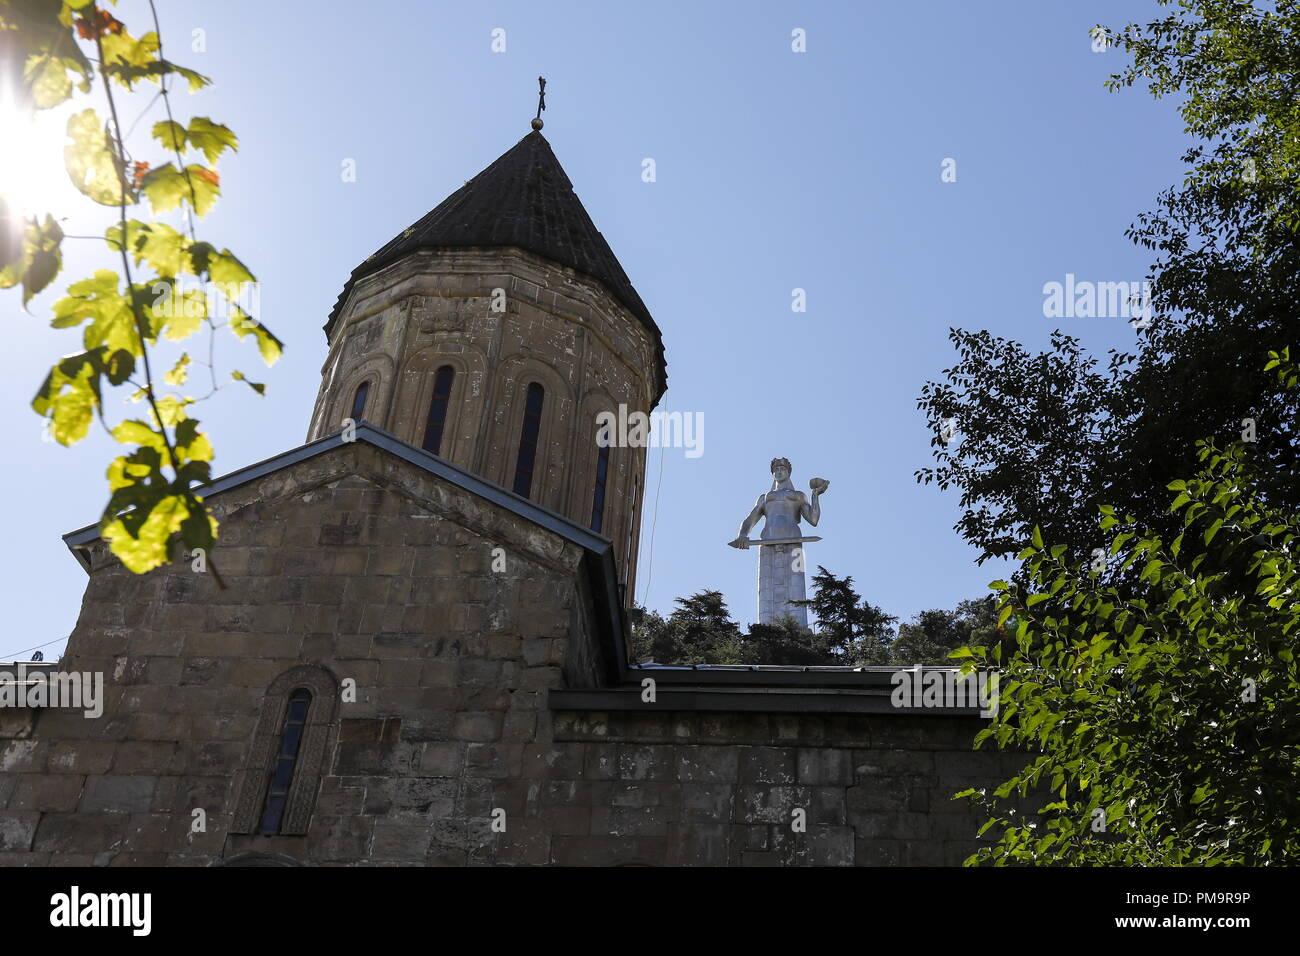 Tbilisi, Georgia  17th Sep, 2018  TBILISI, GEORGIA - SEPTEMBER 17